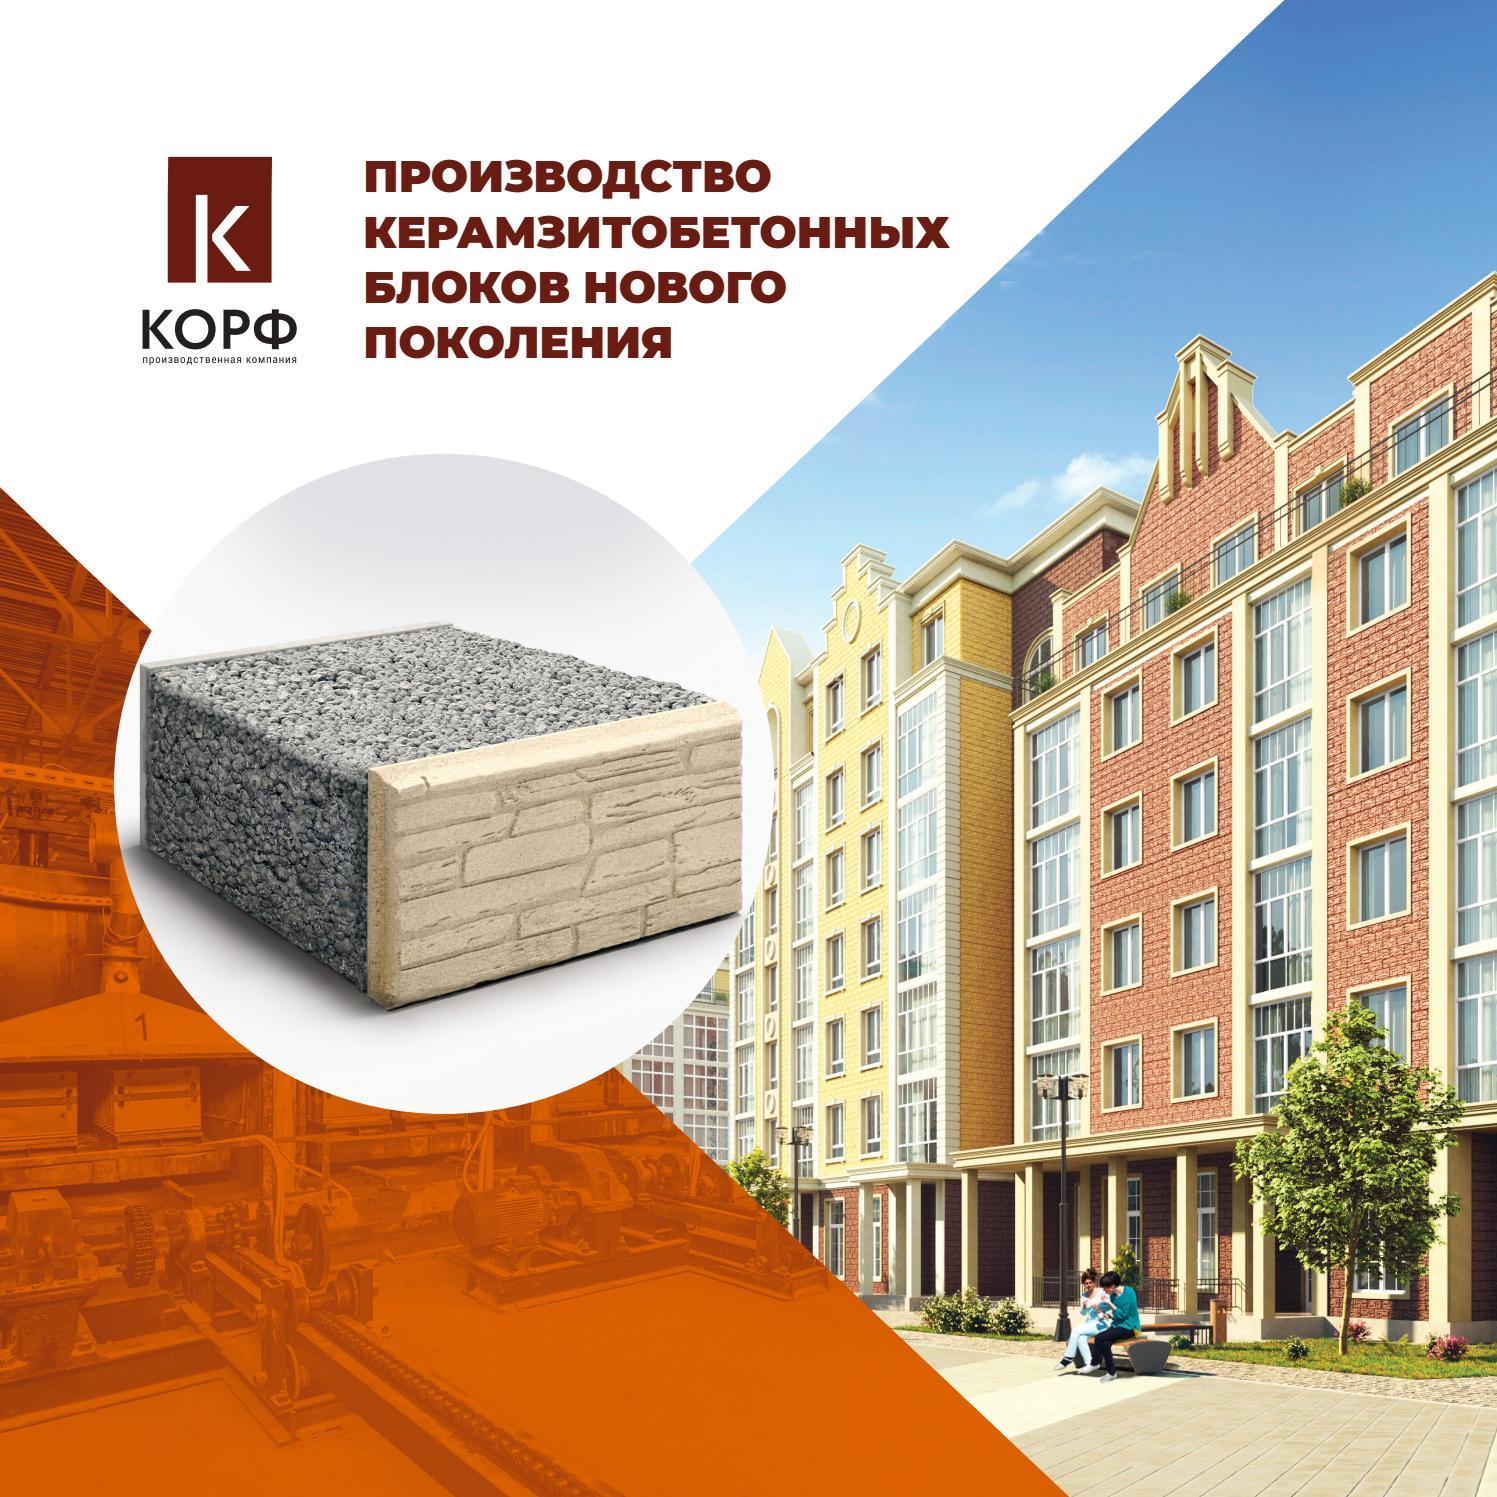 Керамзитобетон 900 кг м3 60 100 мм стоимость бетона москва с доставкой